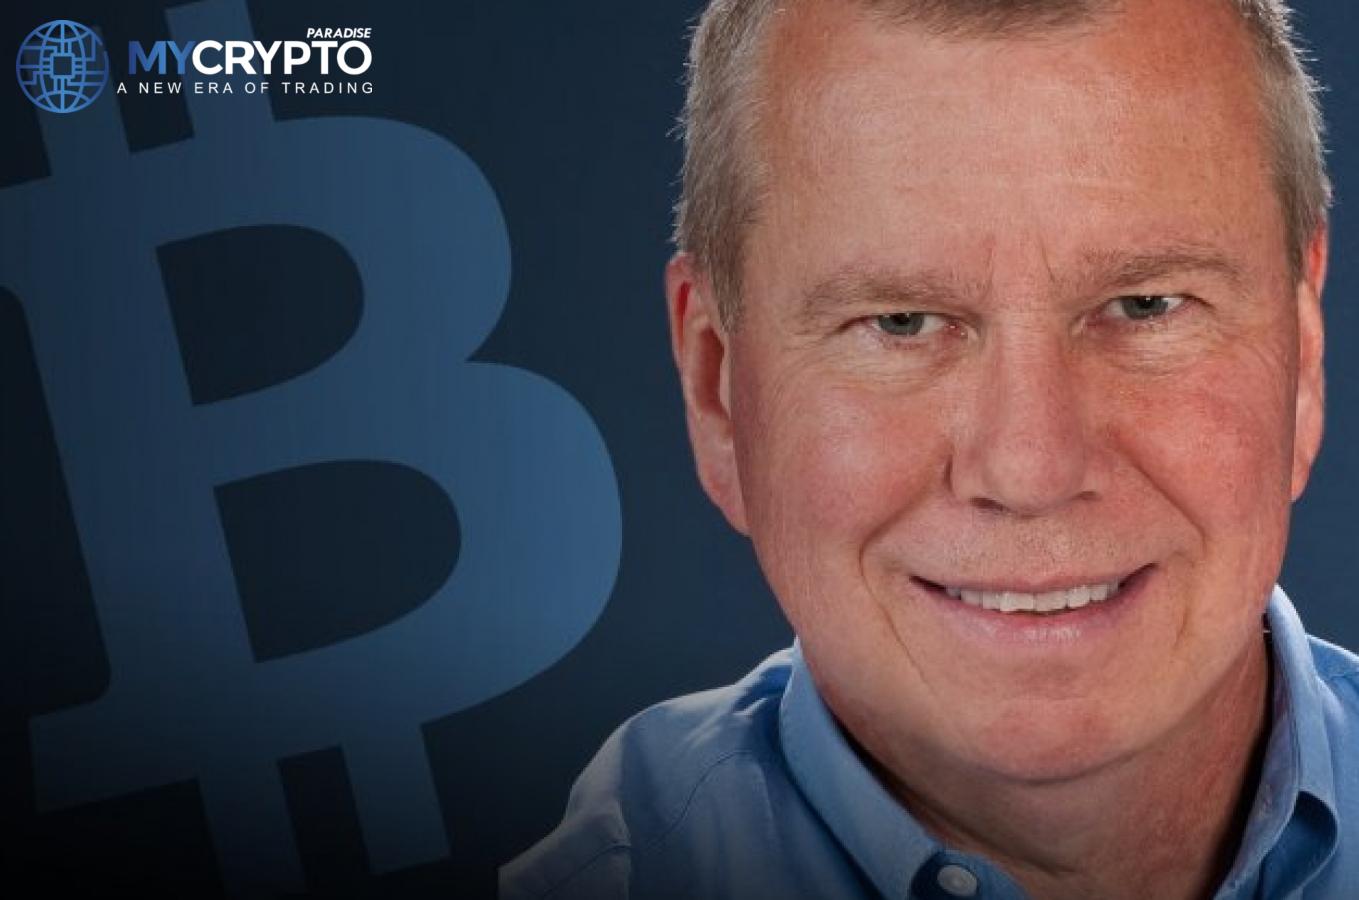 John Bollinger, Bitcoin's veteran trader